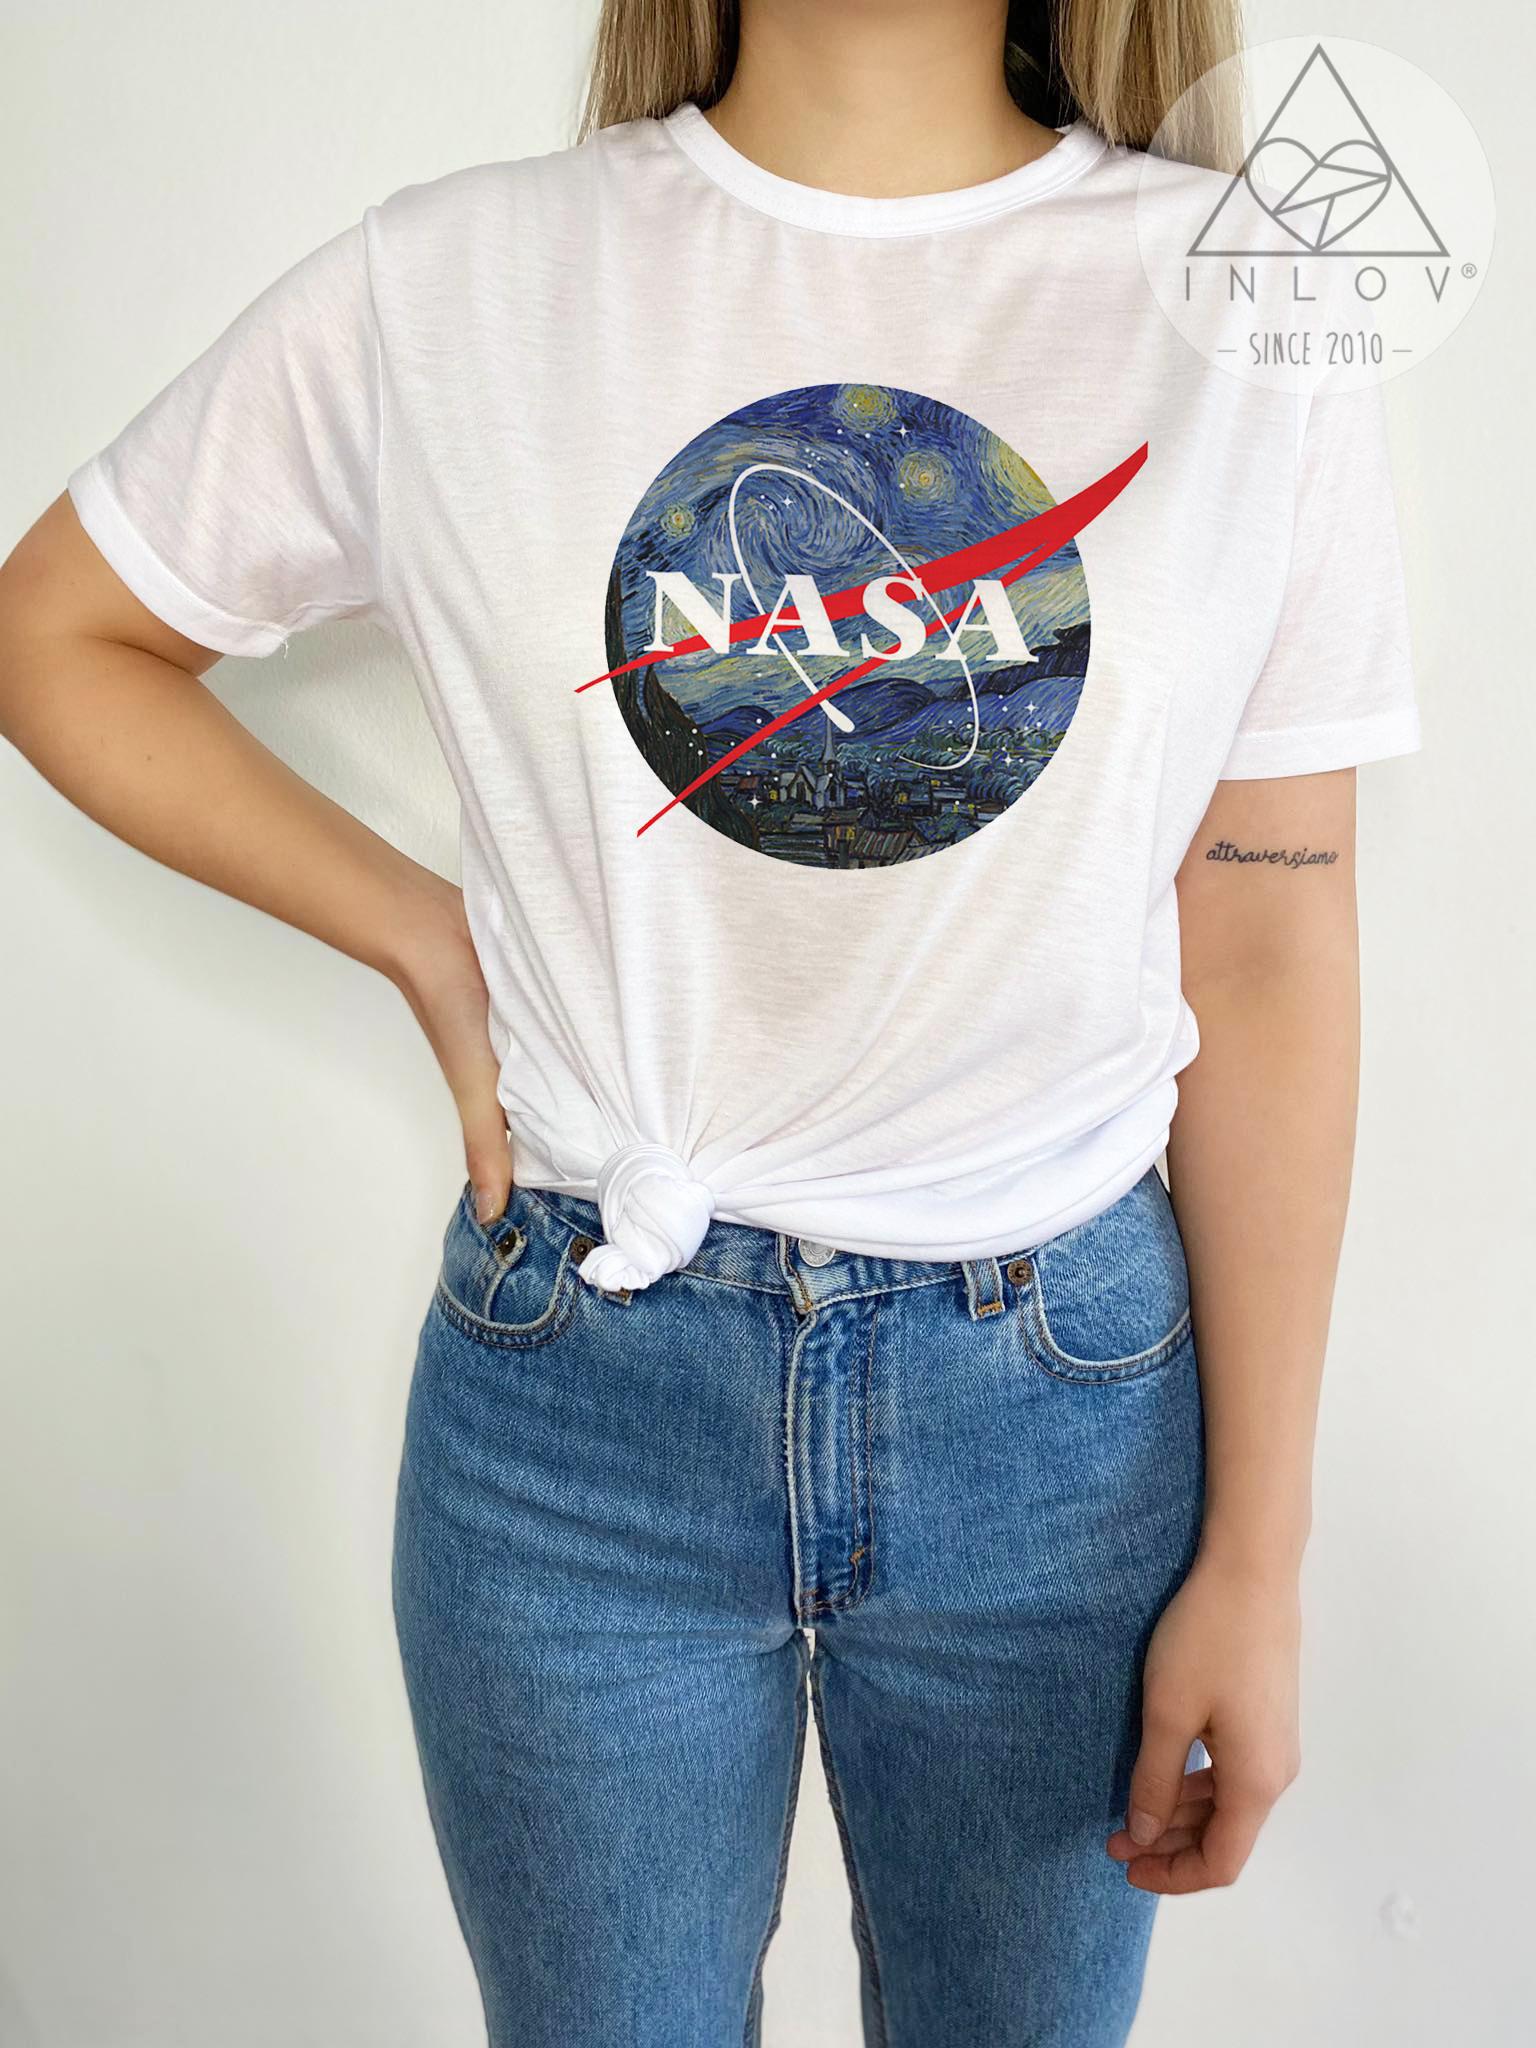 TEE CARTOON / NASA VAN GOGH